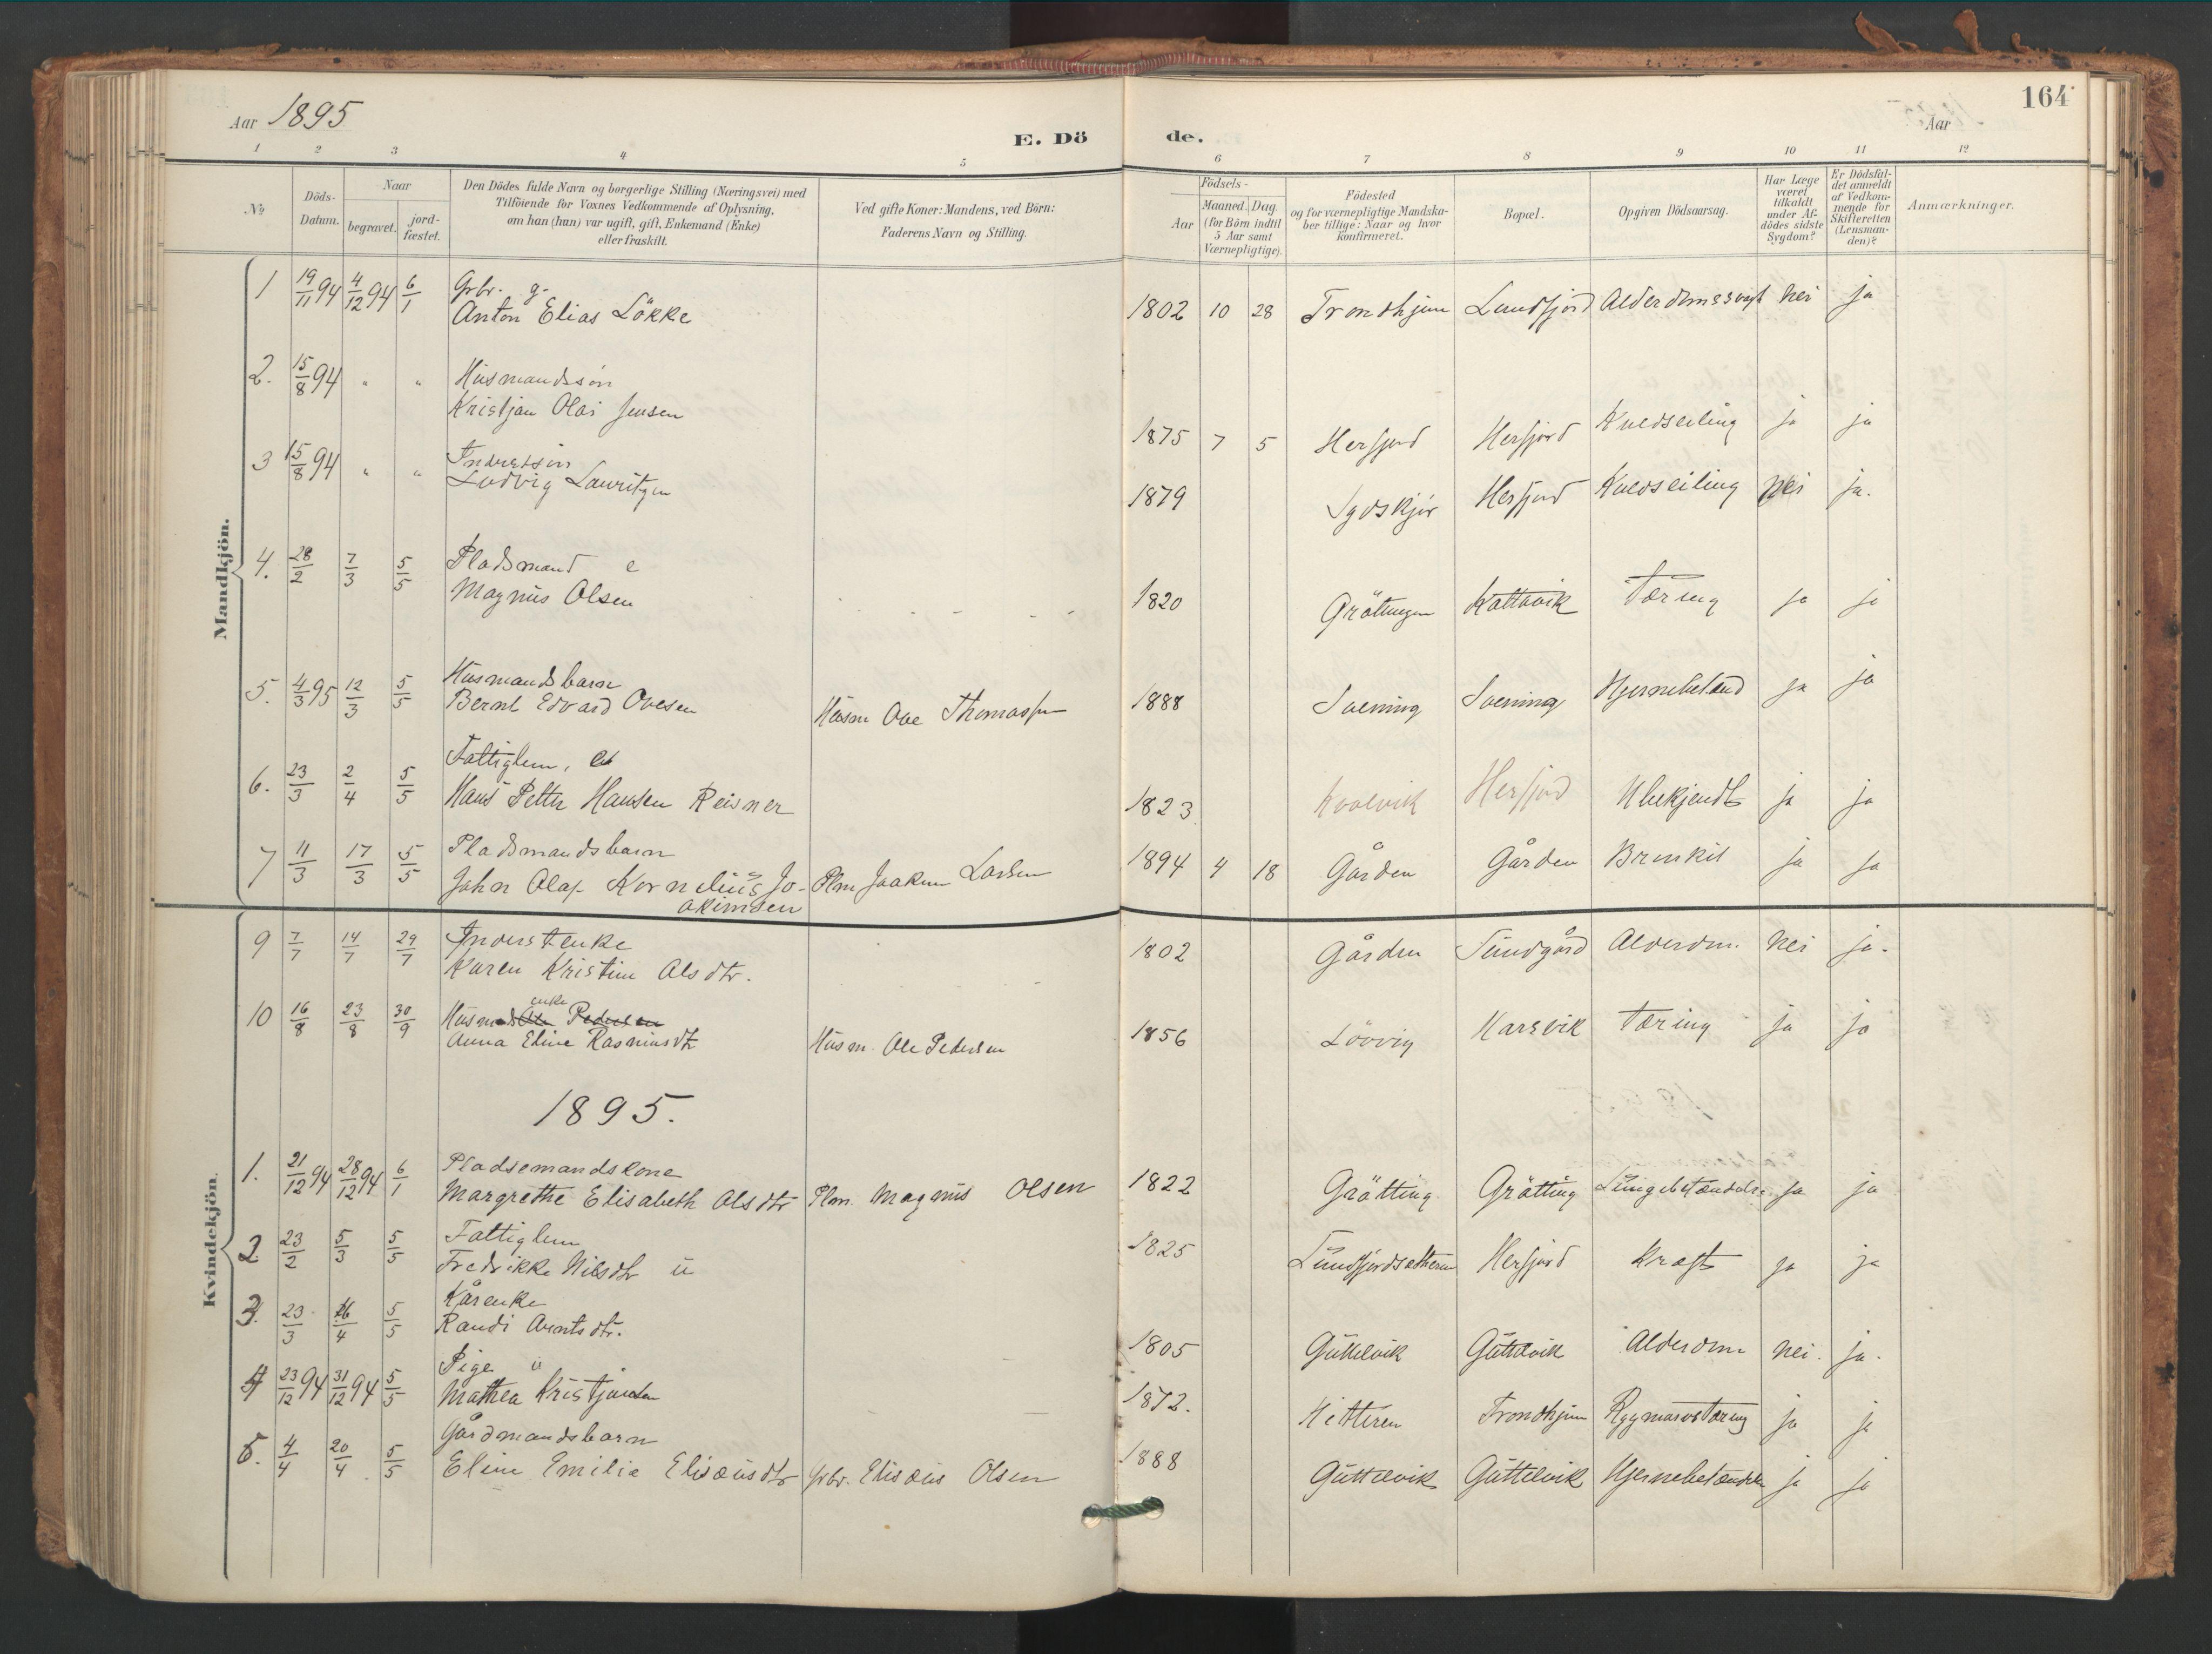 SAT, Ministerialprotokoller, klokkerbøker og fødselsregistre - Sør-Trøndelag, 656/L0693: Ministerialbok nr. 656A02, 1894-1913, s. 164